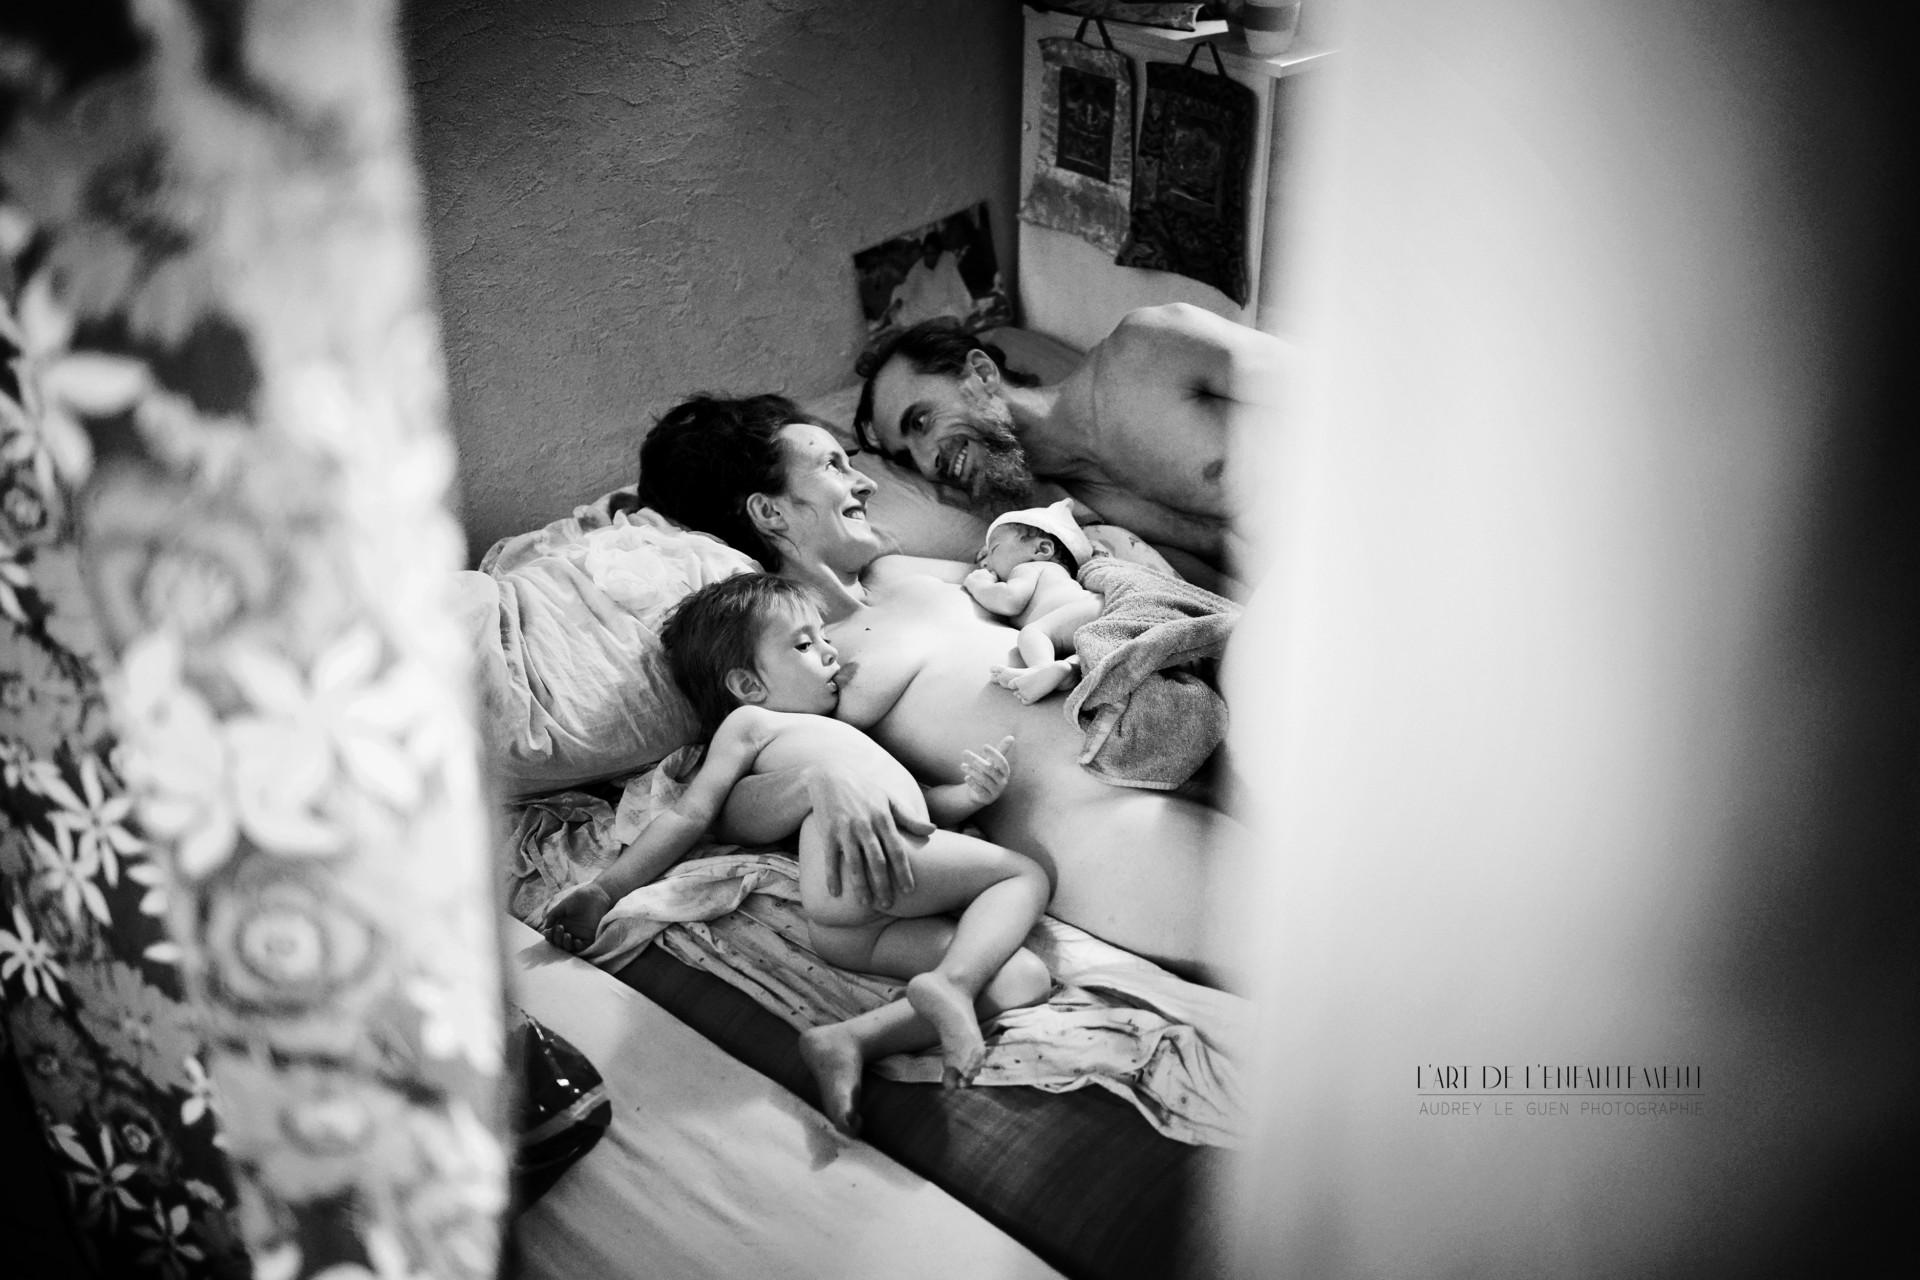 Une mère allongée sur un lit allaite son nouveau-né et son autre enfant, le père est allongé à ses côtés